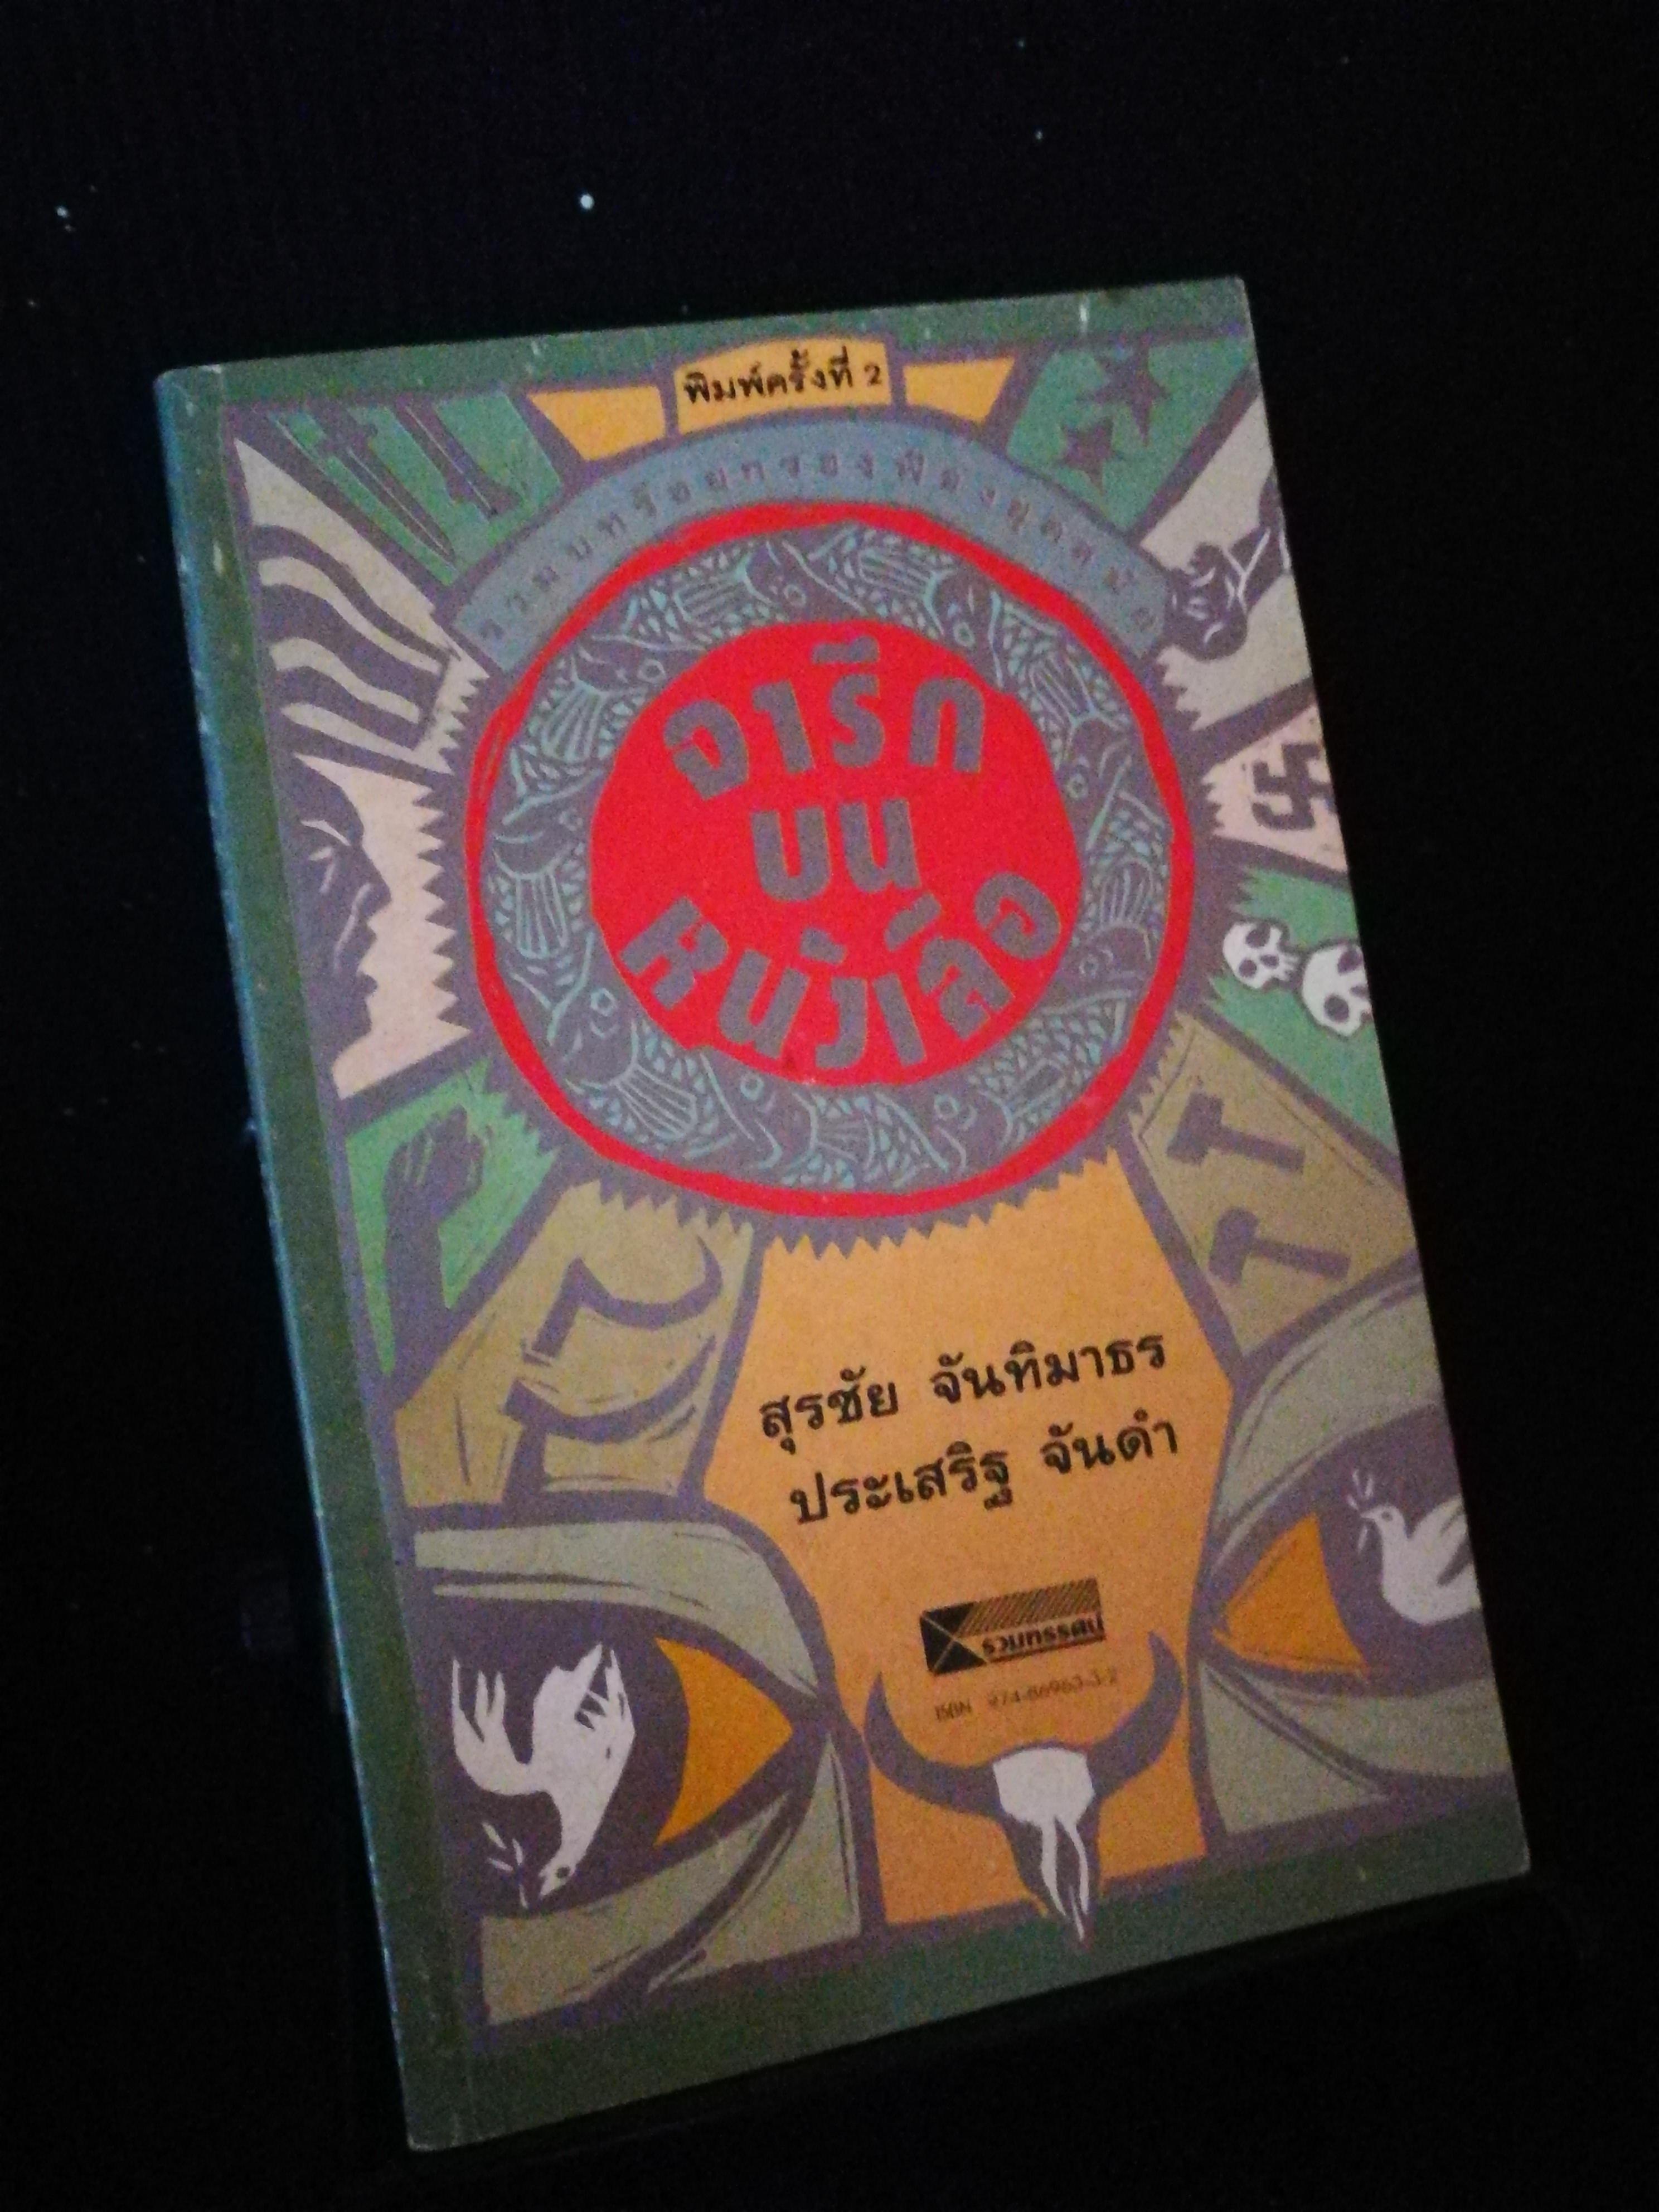 จารึกบนหนังสือ - ประเสริฐ จันดำ และ สุรชัย จันิมาธร